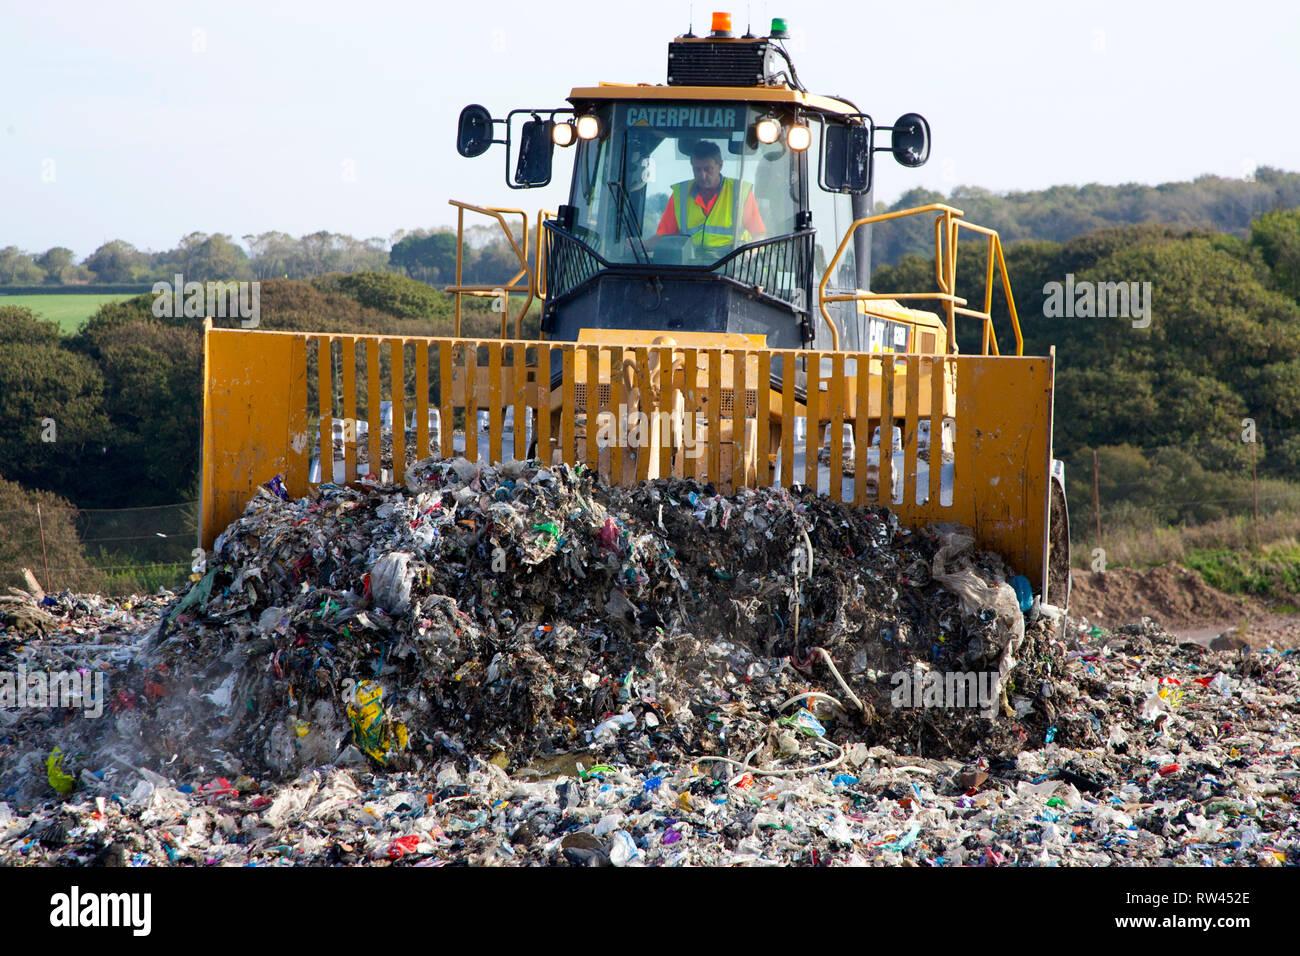 Abfall, Müll, Recycling, Abfall, Werk, Sammlung, Grün, bin, Holz, Metall, Kunststoff, Karton, Deponie, dump, Abfall, Management, Materialien, Papier, Stockbild